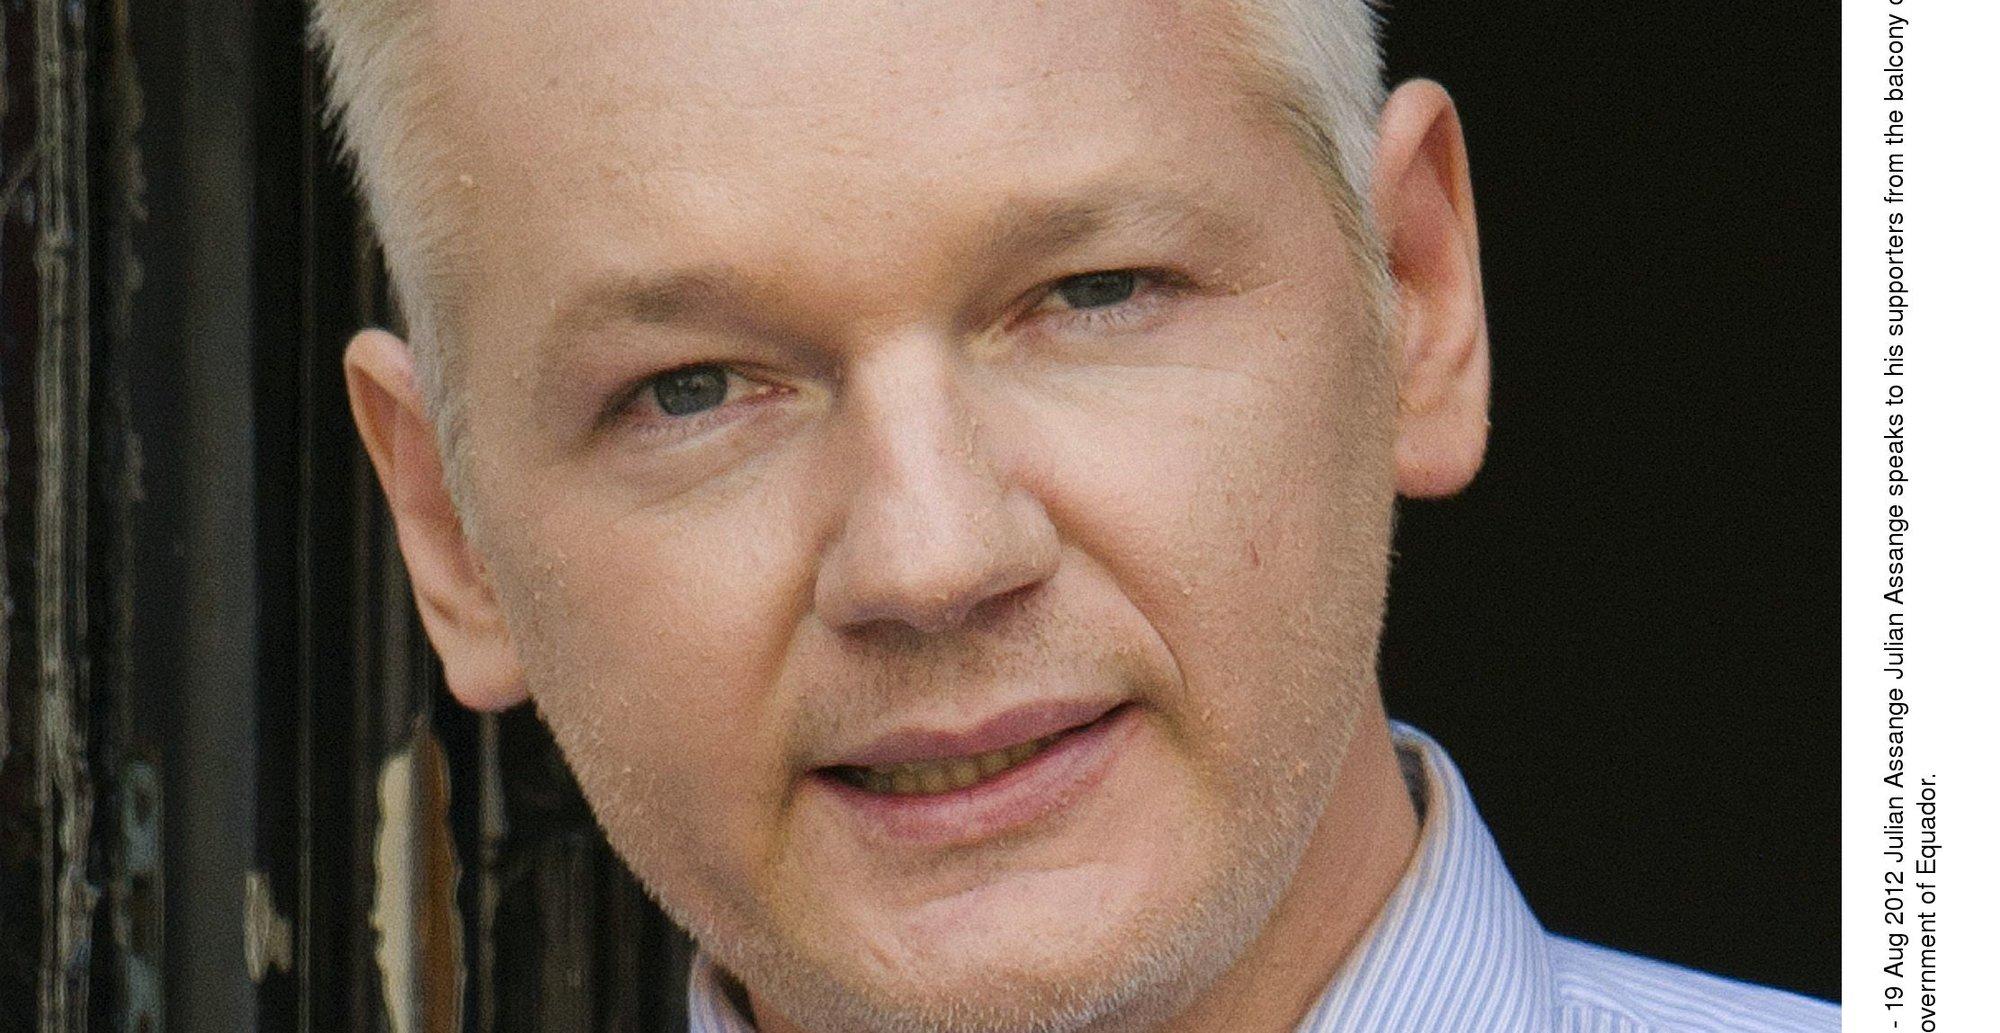 Julian Assange slipper trolig med å svare for ett seksuelt overgrep dersom han blir utlevert til Sverige.